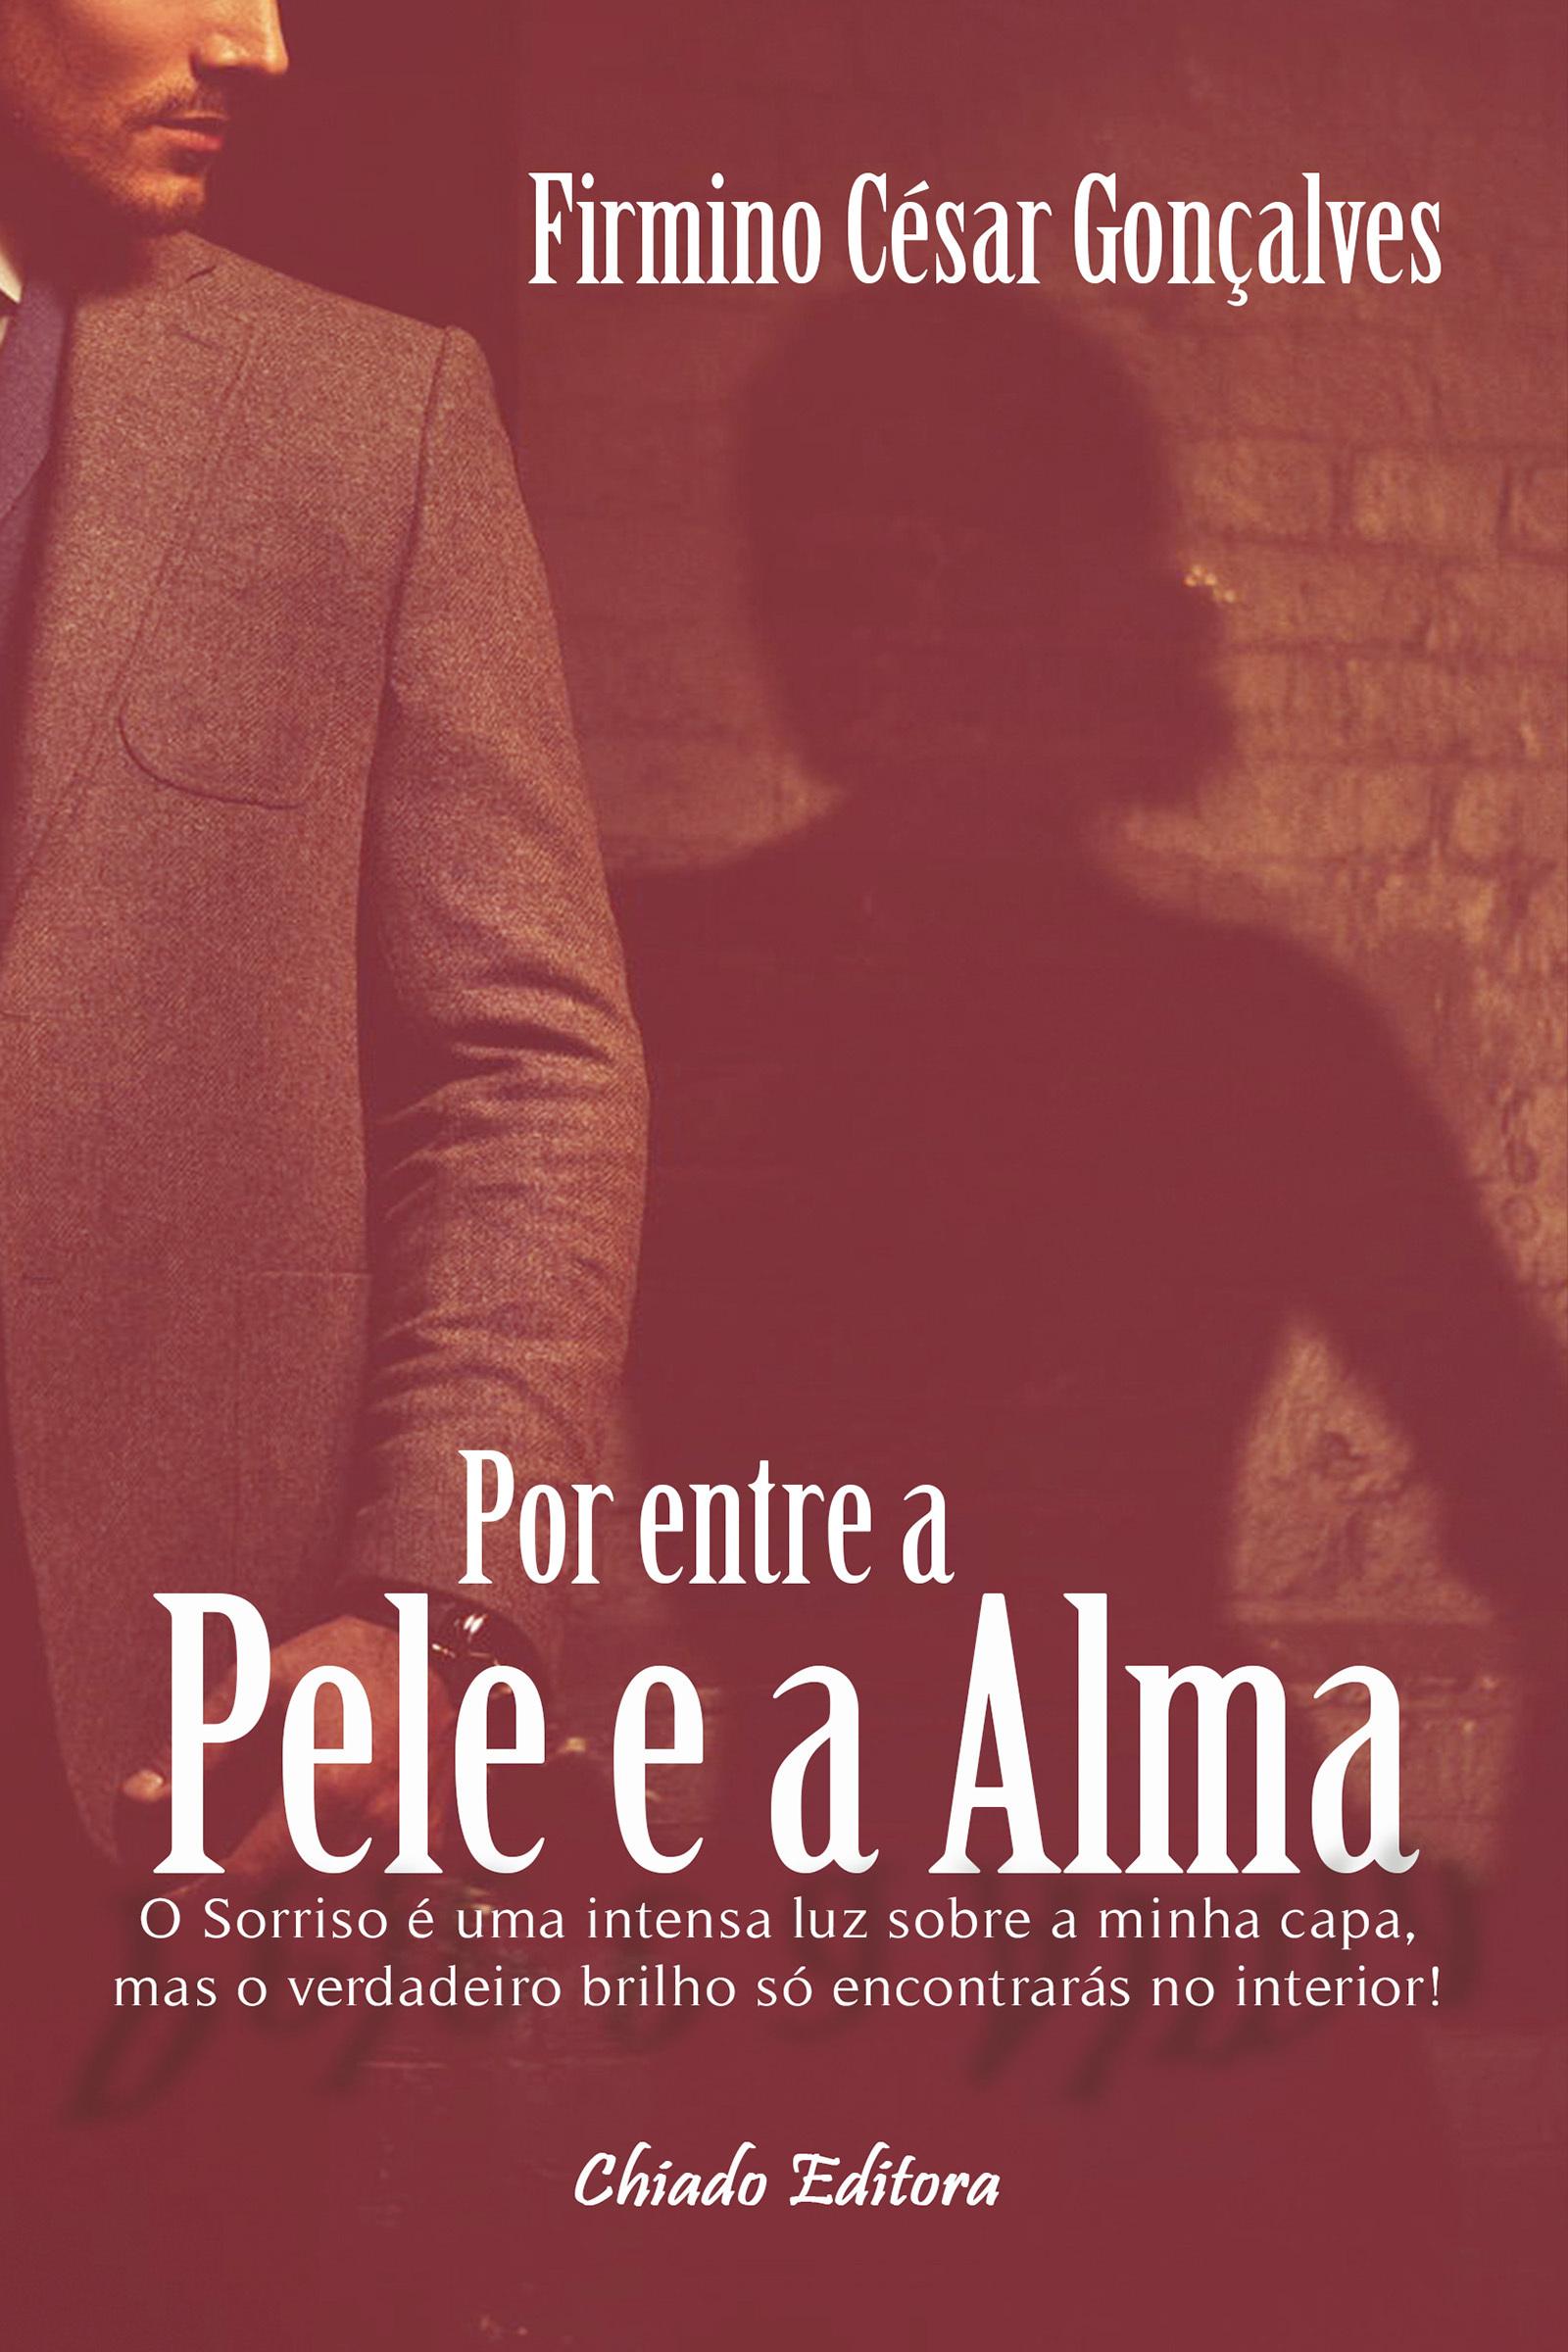 Por entre a Pele e a Alma  by  Firmino César Gonçalves